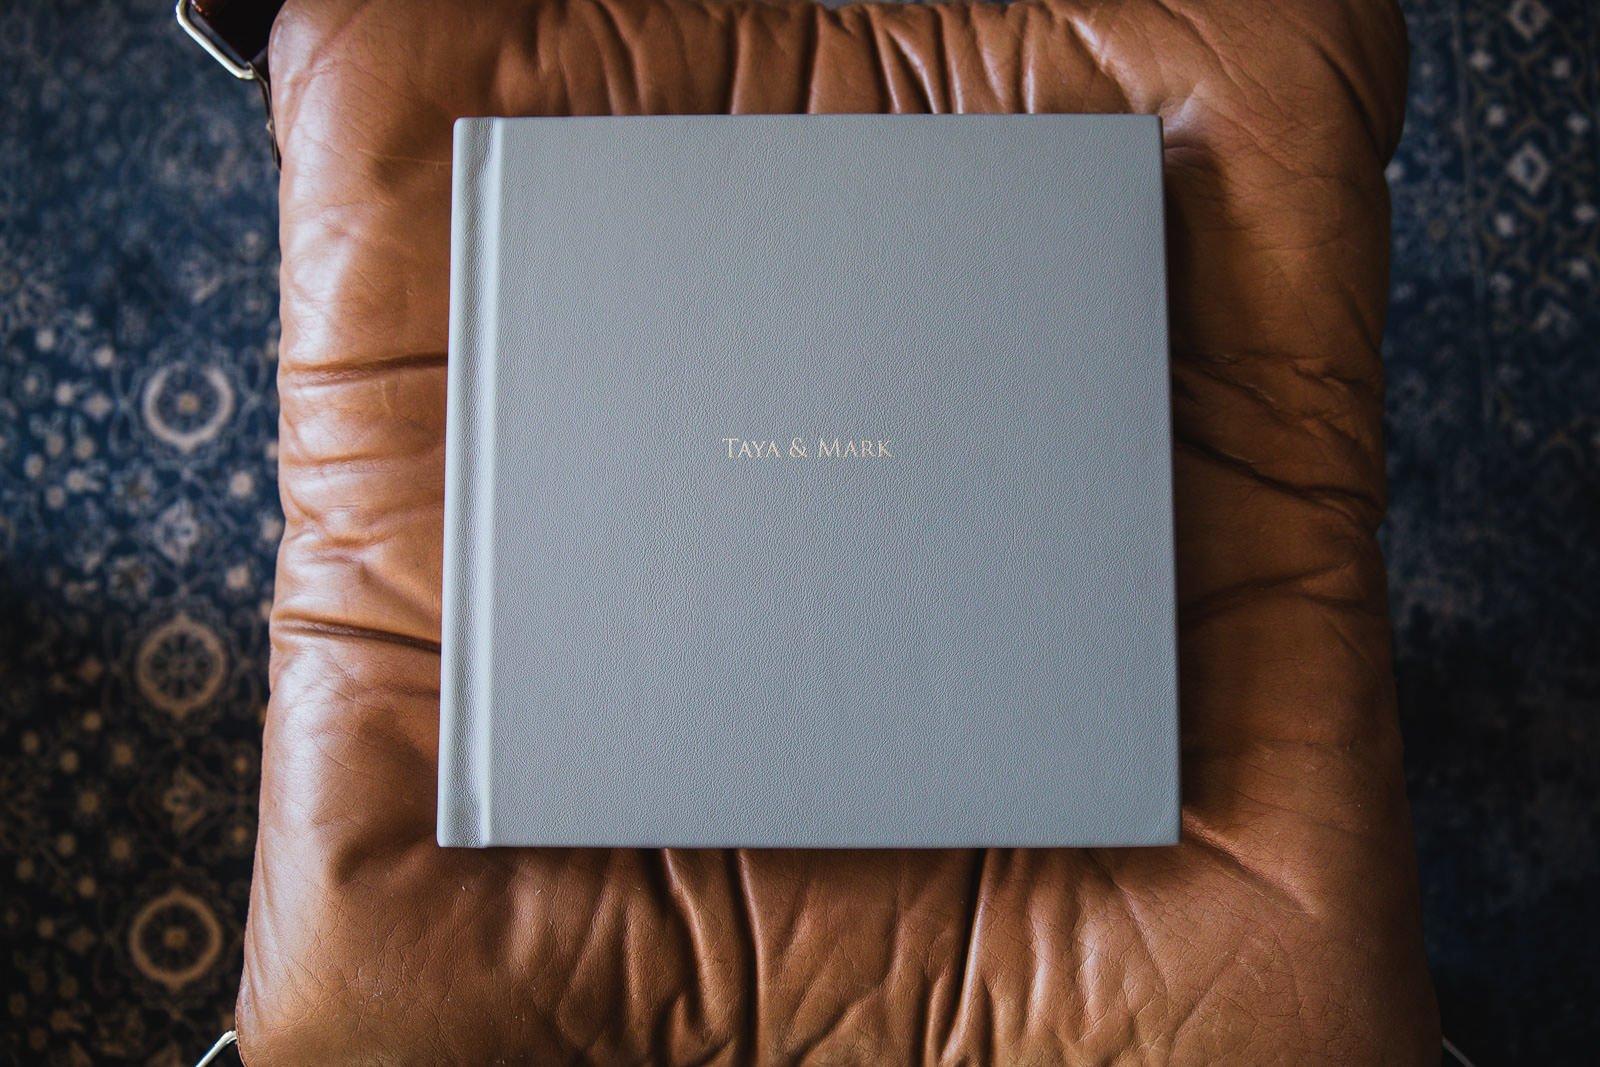 Wedding-Photographer-Surrey-Carl-Glancey-Folio-Wedding-Albums-8 2